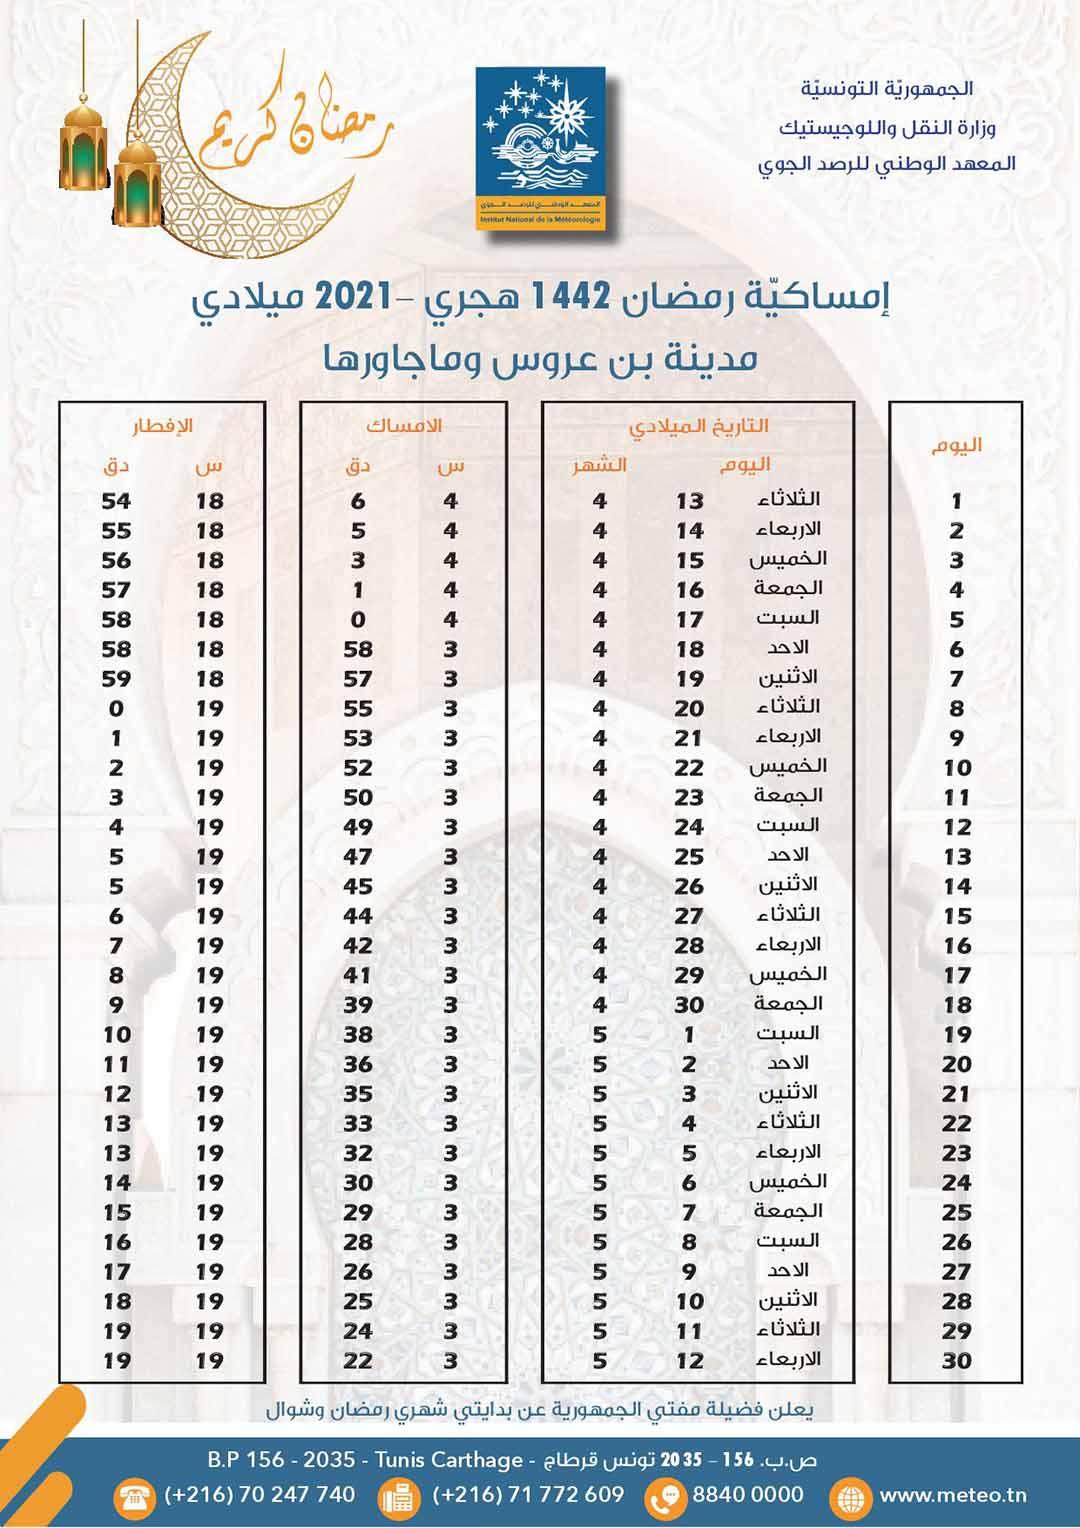 مواعيد الافطار و السحور في ولاية بن عروس رمضان 2021 1 - هام: مواعيد الافطار والامساك لشهر رمضان حسب الولايات..